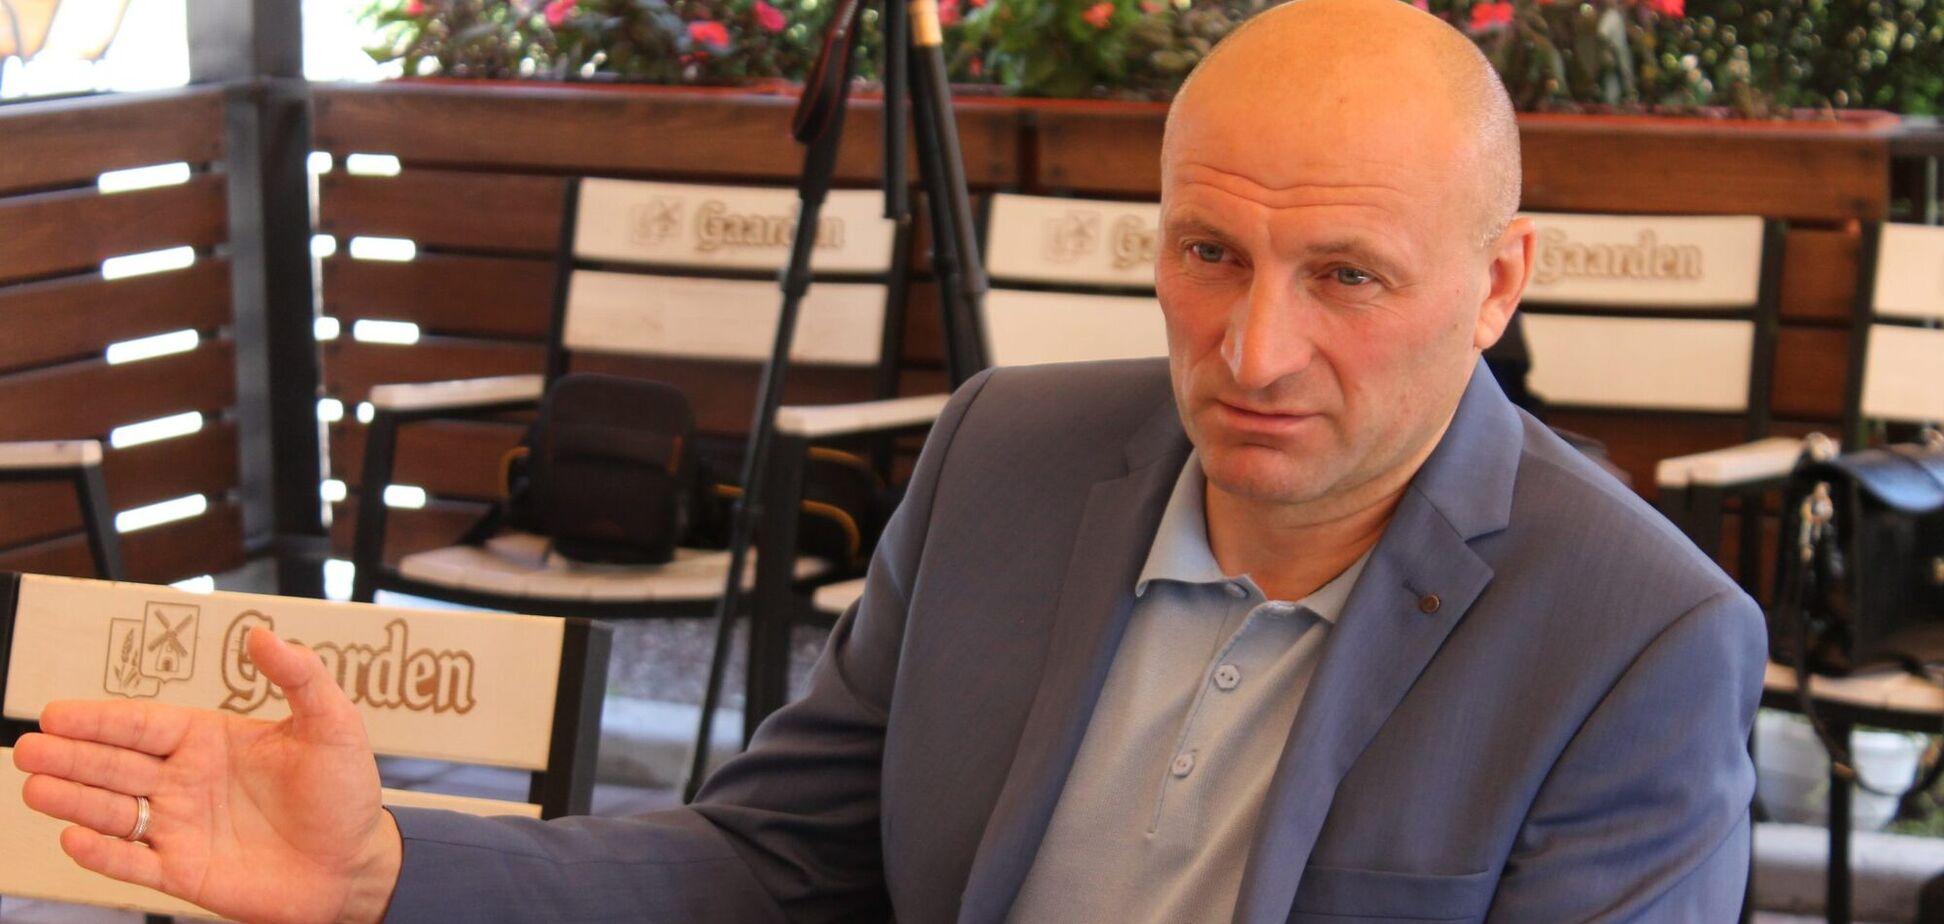 Хворий на COVID-19 Бондаренко зустрічався з працівниками дитячих садочків